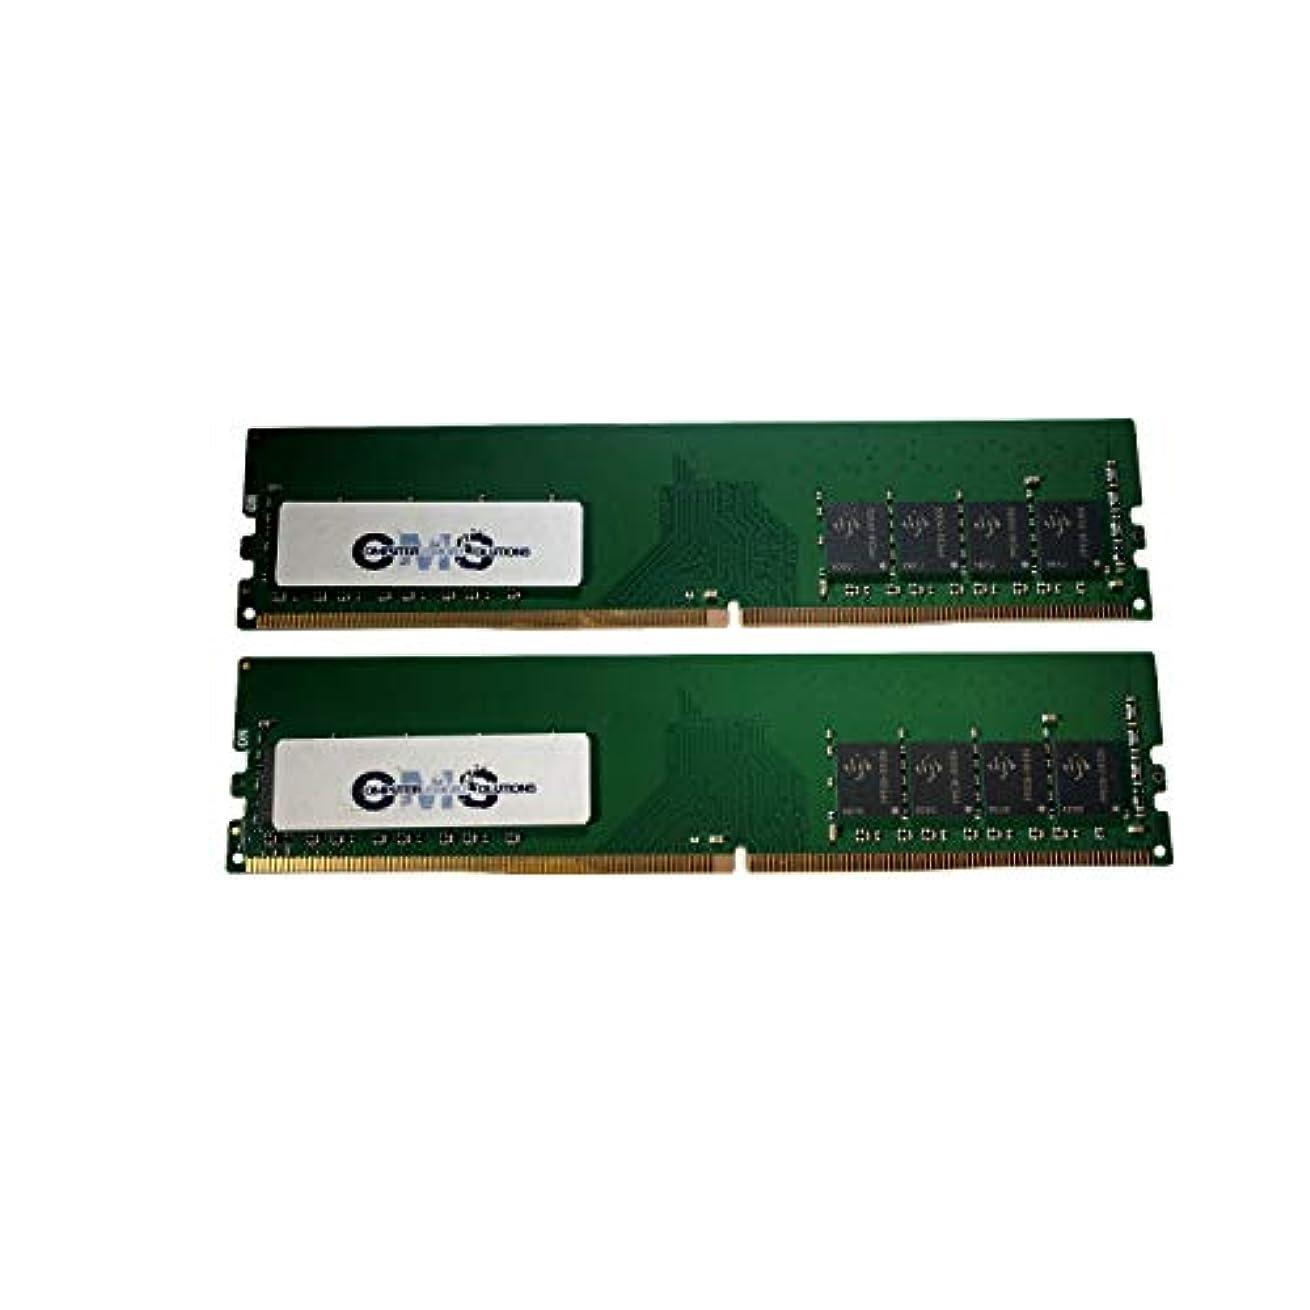 抑止するゲート鬼ごっこ32GB (2X16GB) RAM メモリー Gigabyte - B360M HD3, B450 I AORUS PRO WiFi, B450M ゲーム, H370N WiFi, Z390 I AORUS PRO WiFi マザーボード CMS C114対応